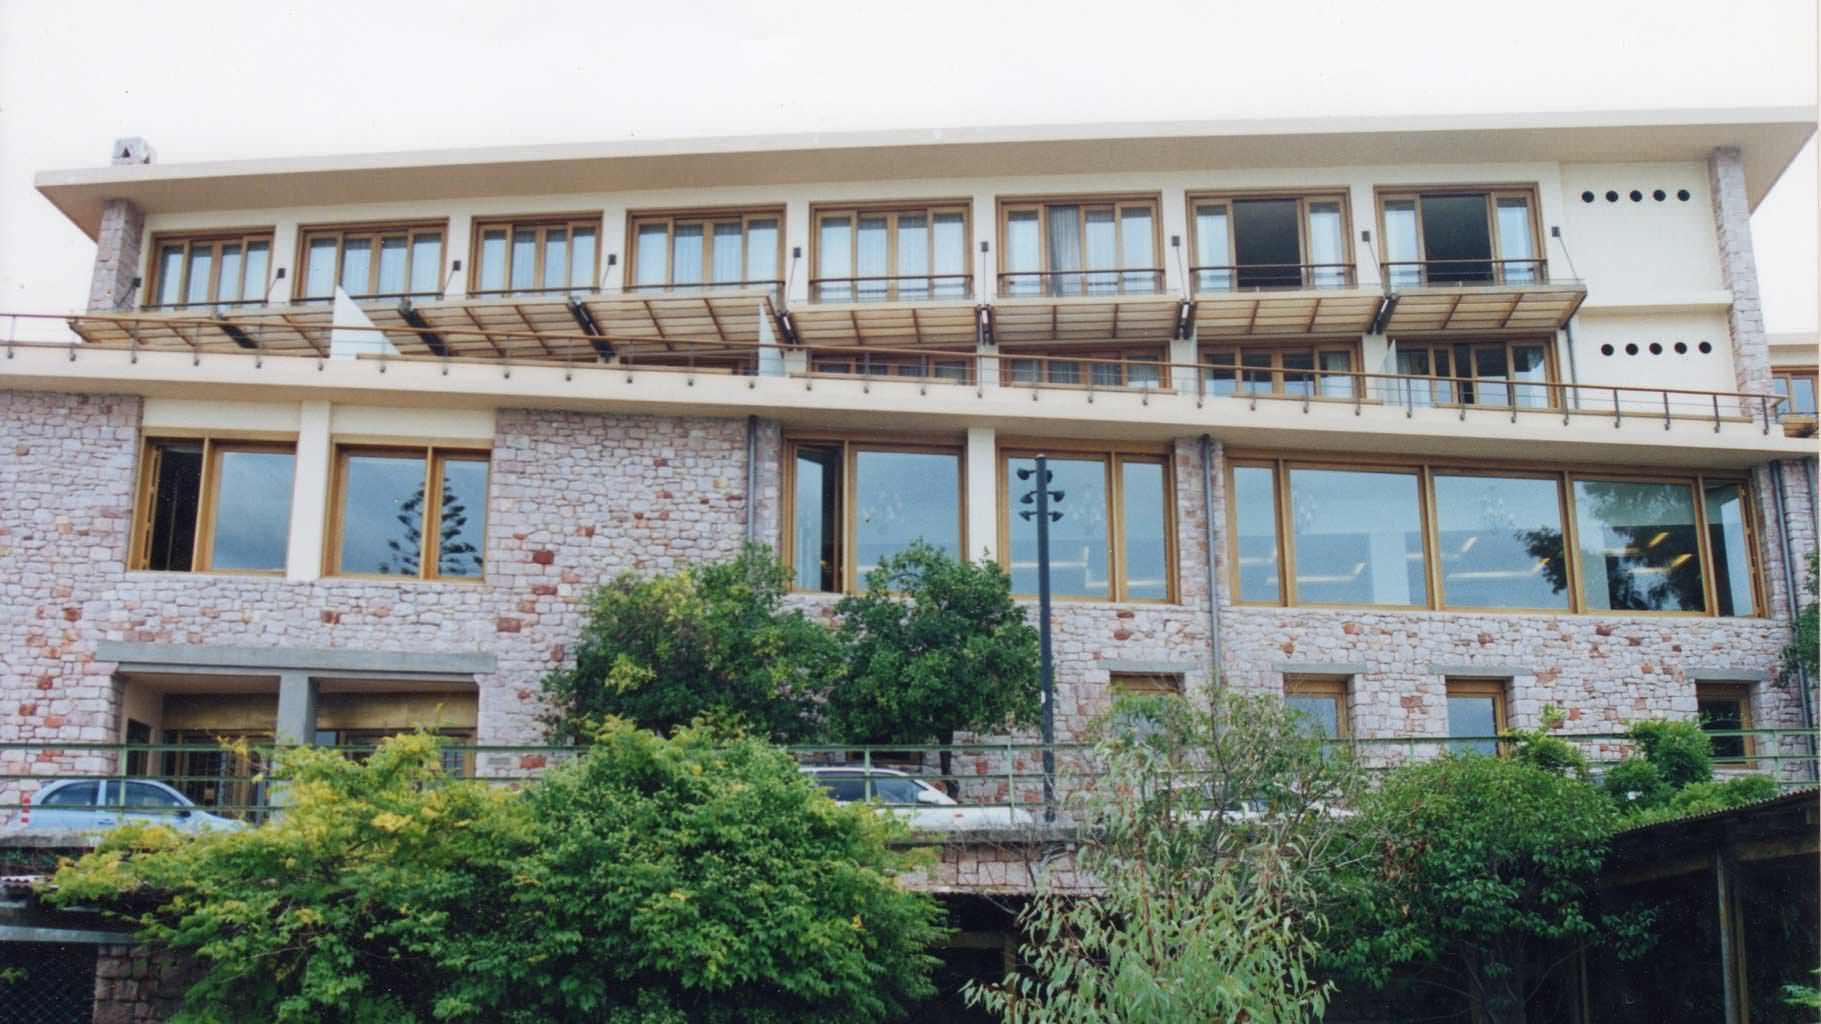 Όψη κτιρίου με παράθυρα και πέργκολες από μασίφ IROCO